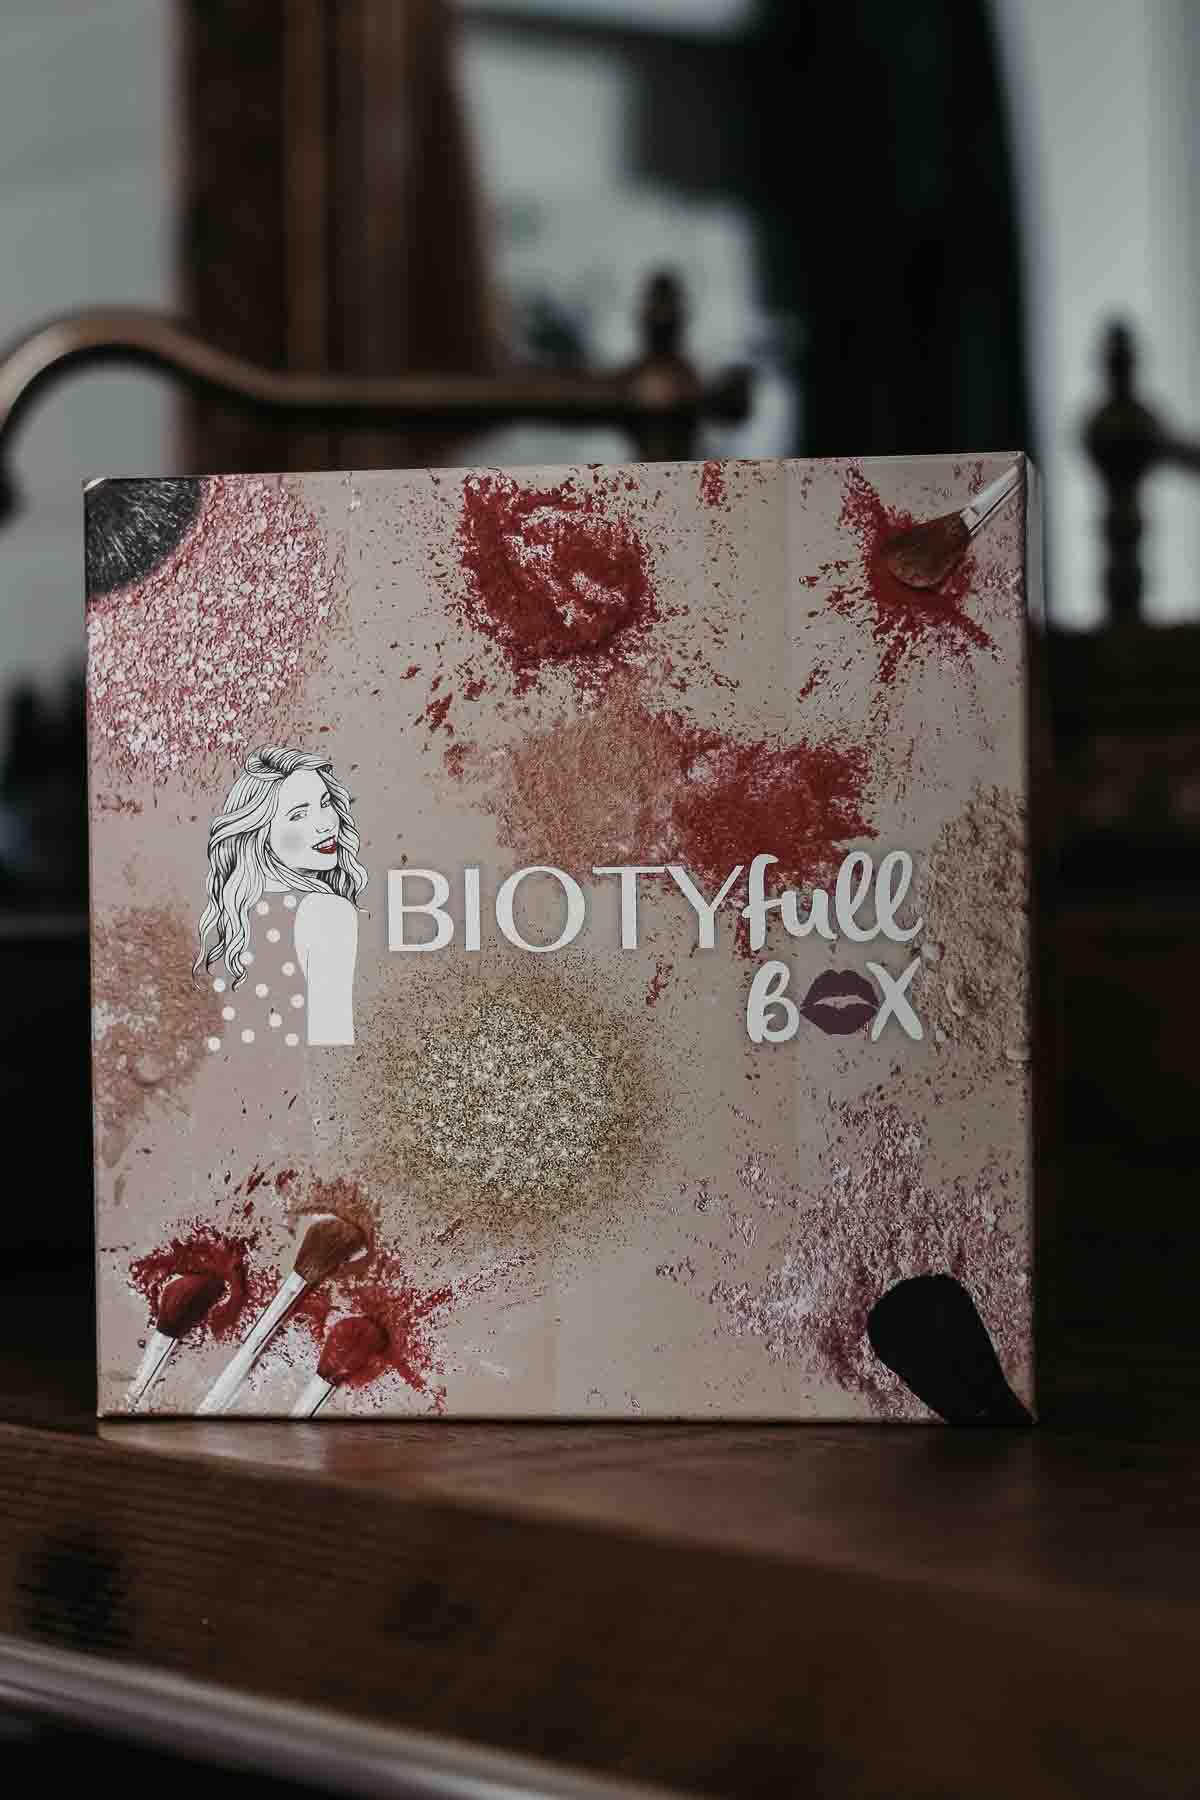 Biotyfull Box octobre 2020 : Teint Parfait